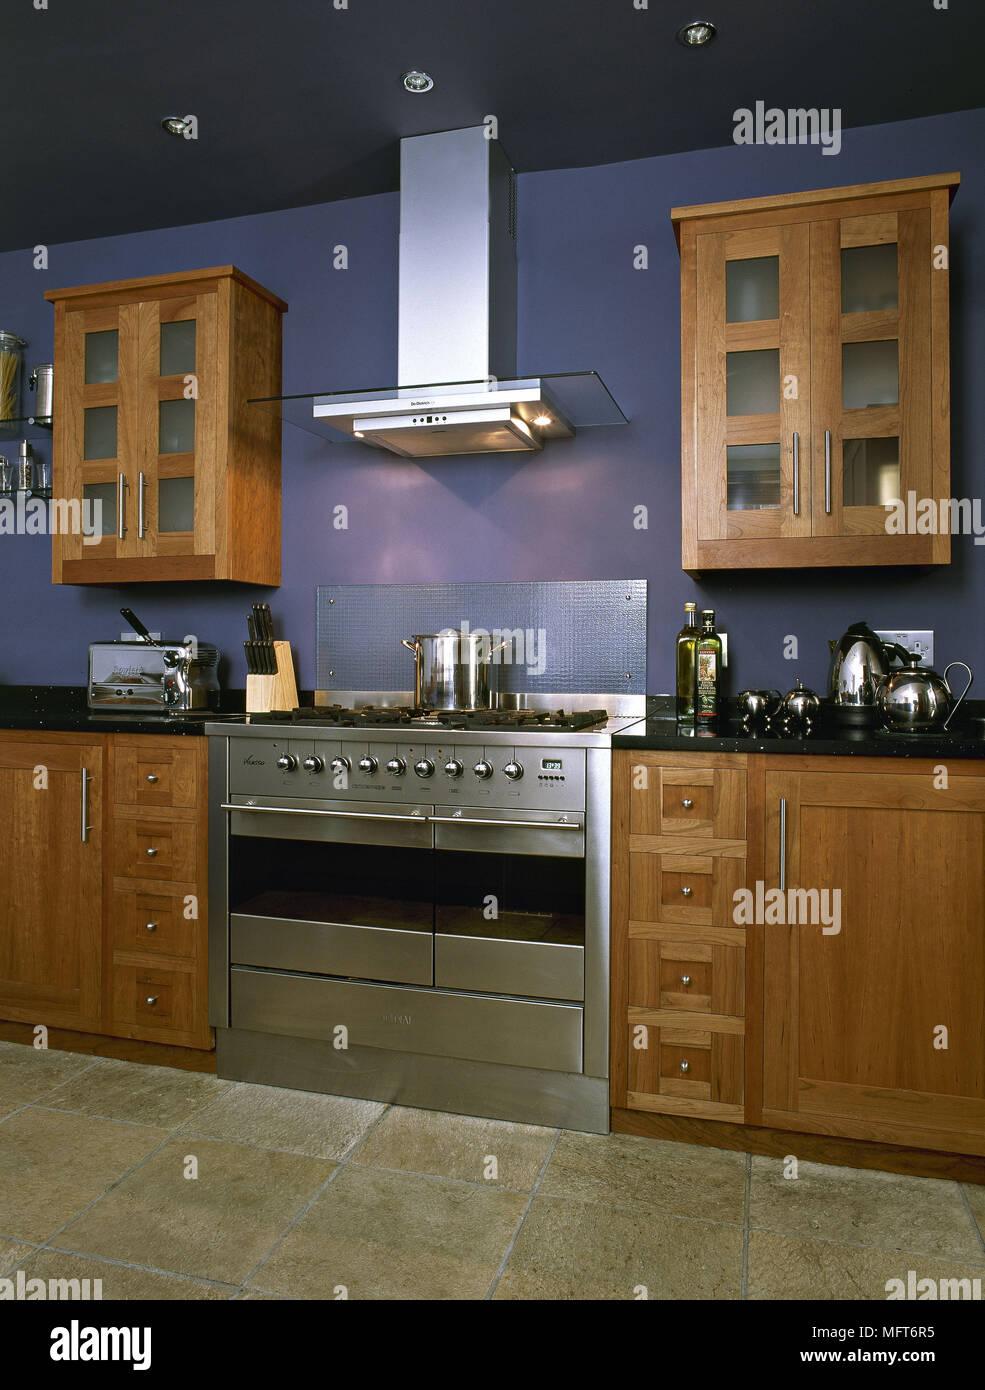 Cocina de acero inoxidable en la cocina con paredes azules y ...